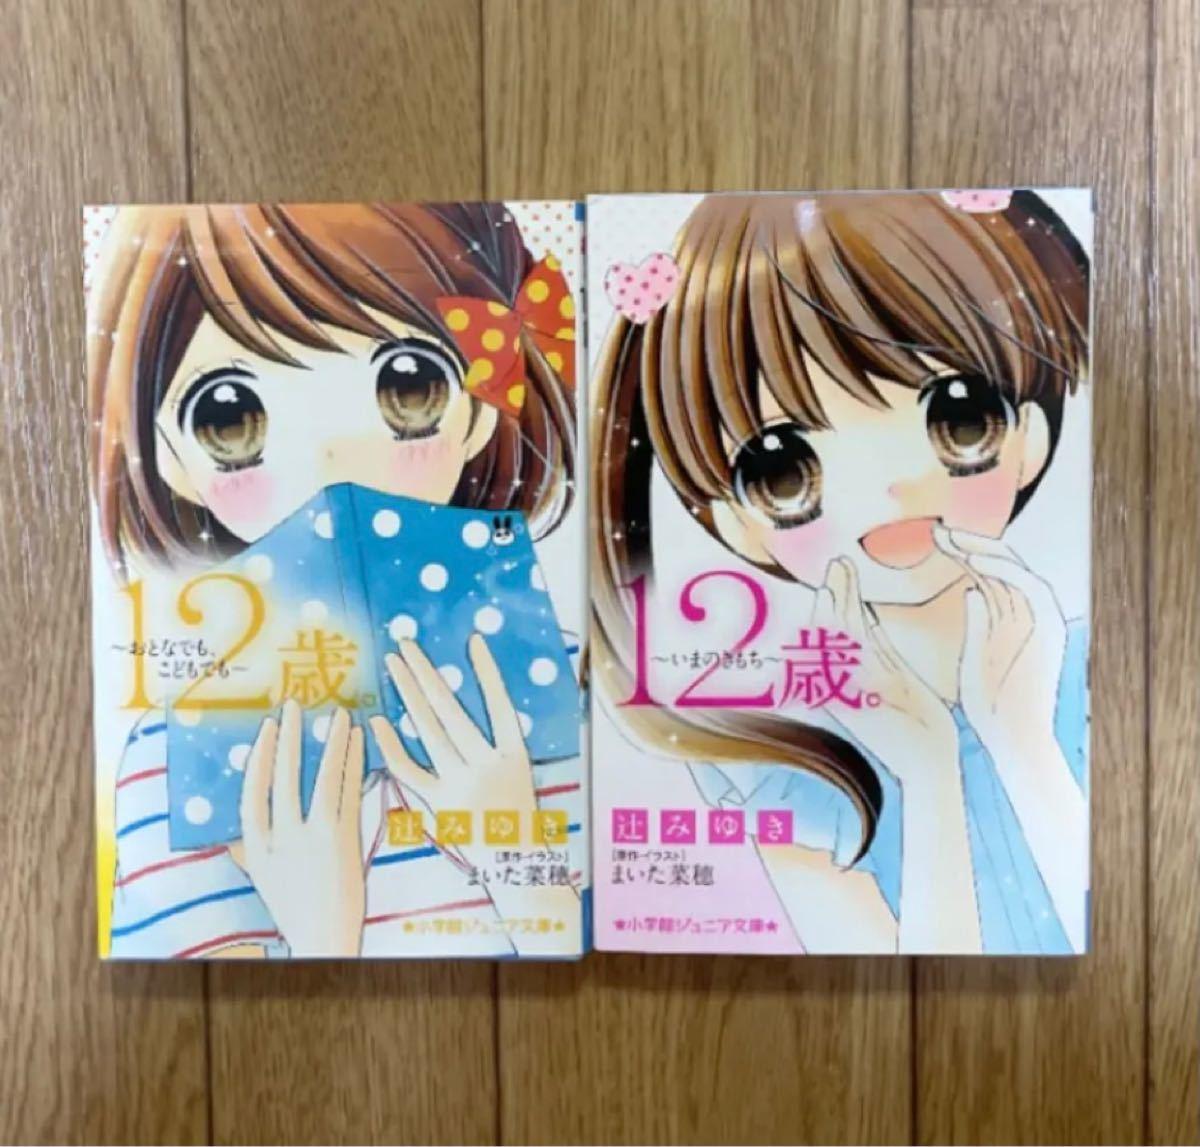 小説版「12歳。」5〜6巻